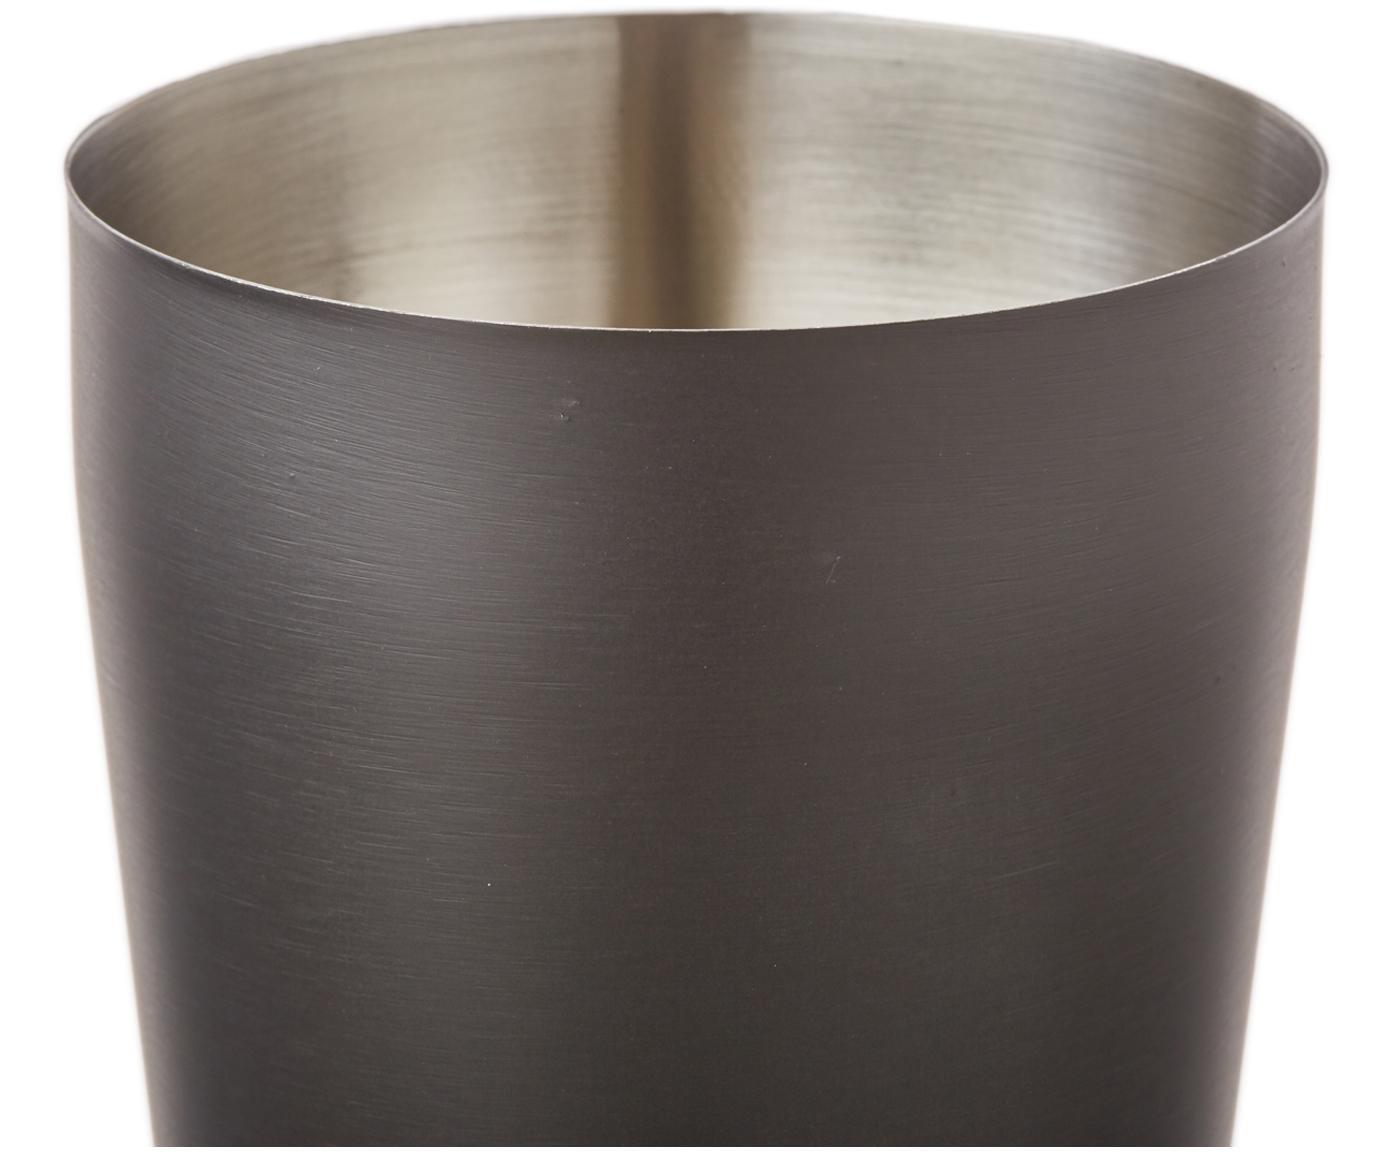 Komplet do koktajli Menirau, 3 elem., Czarny, odcienie mosiądzu, Różne rozmiary